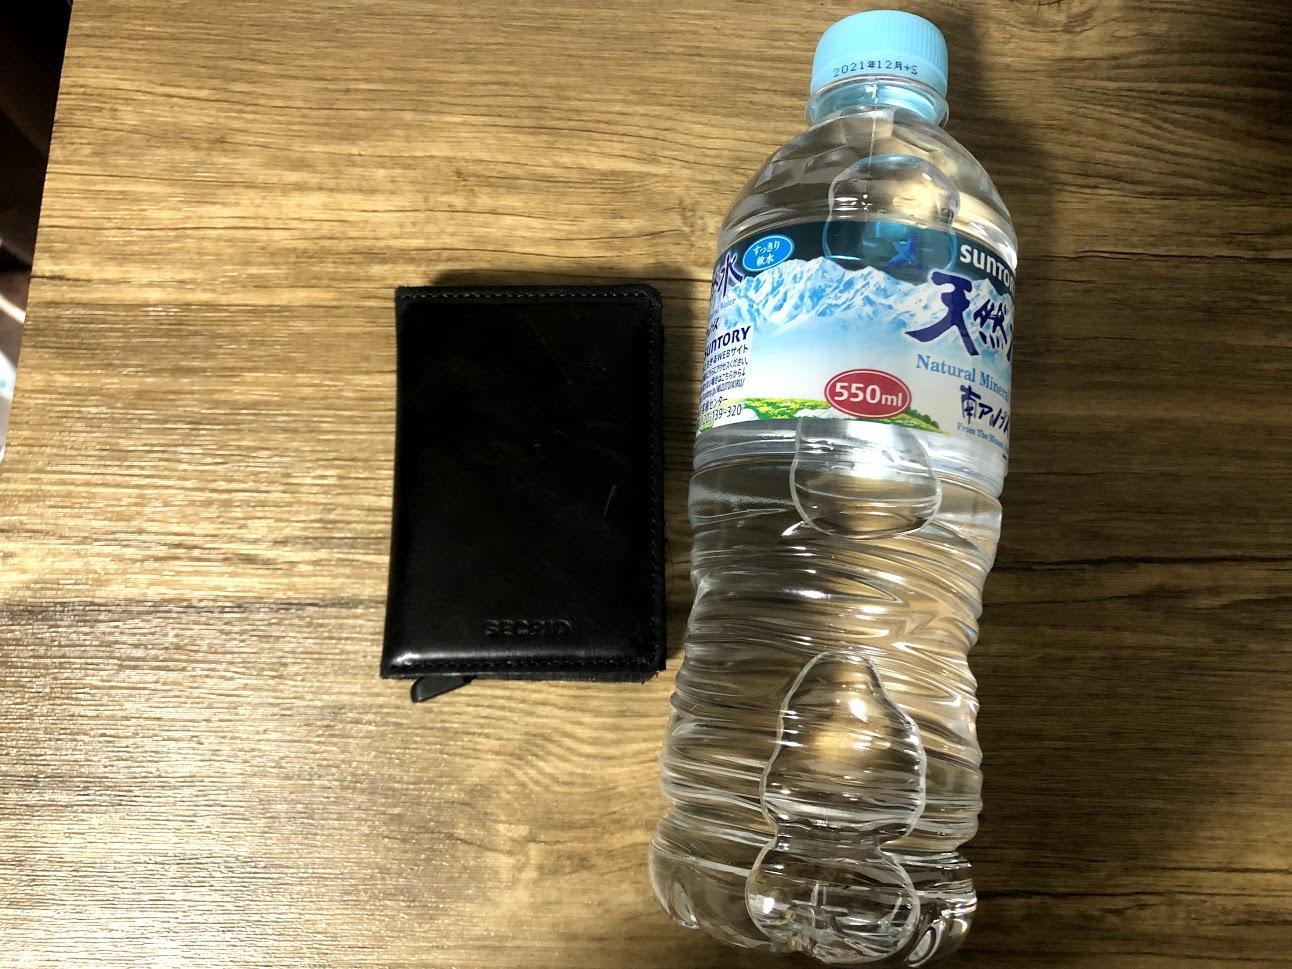 SECRID財布は小さく軽量で持ち運びやすい